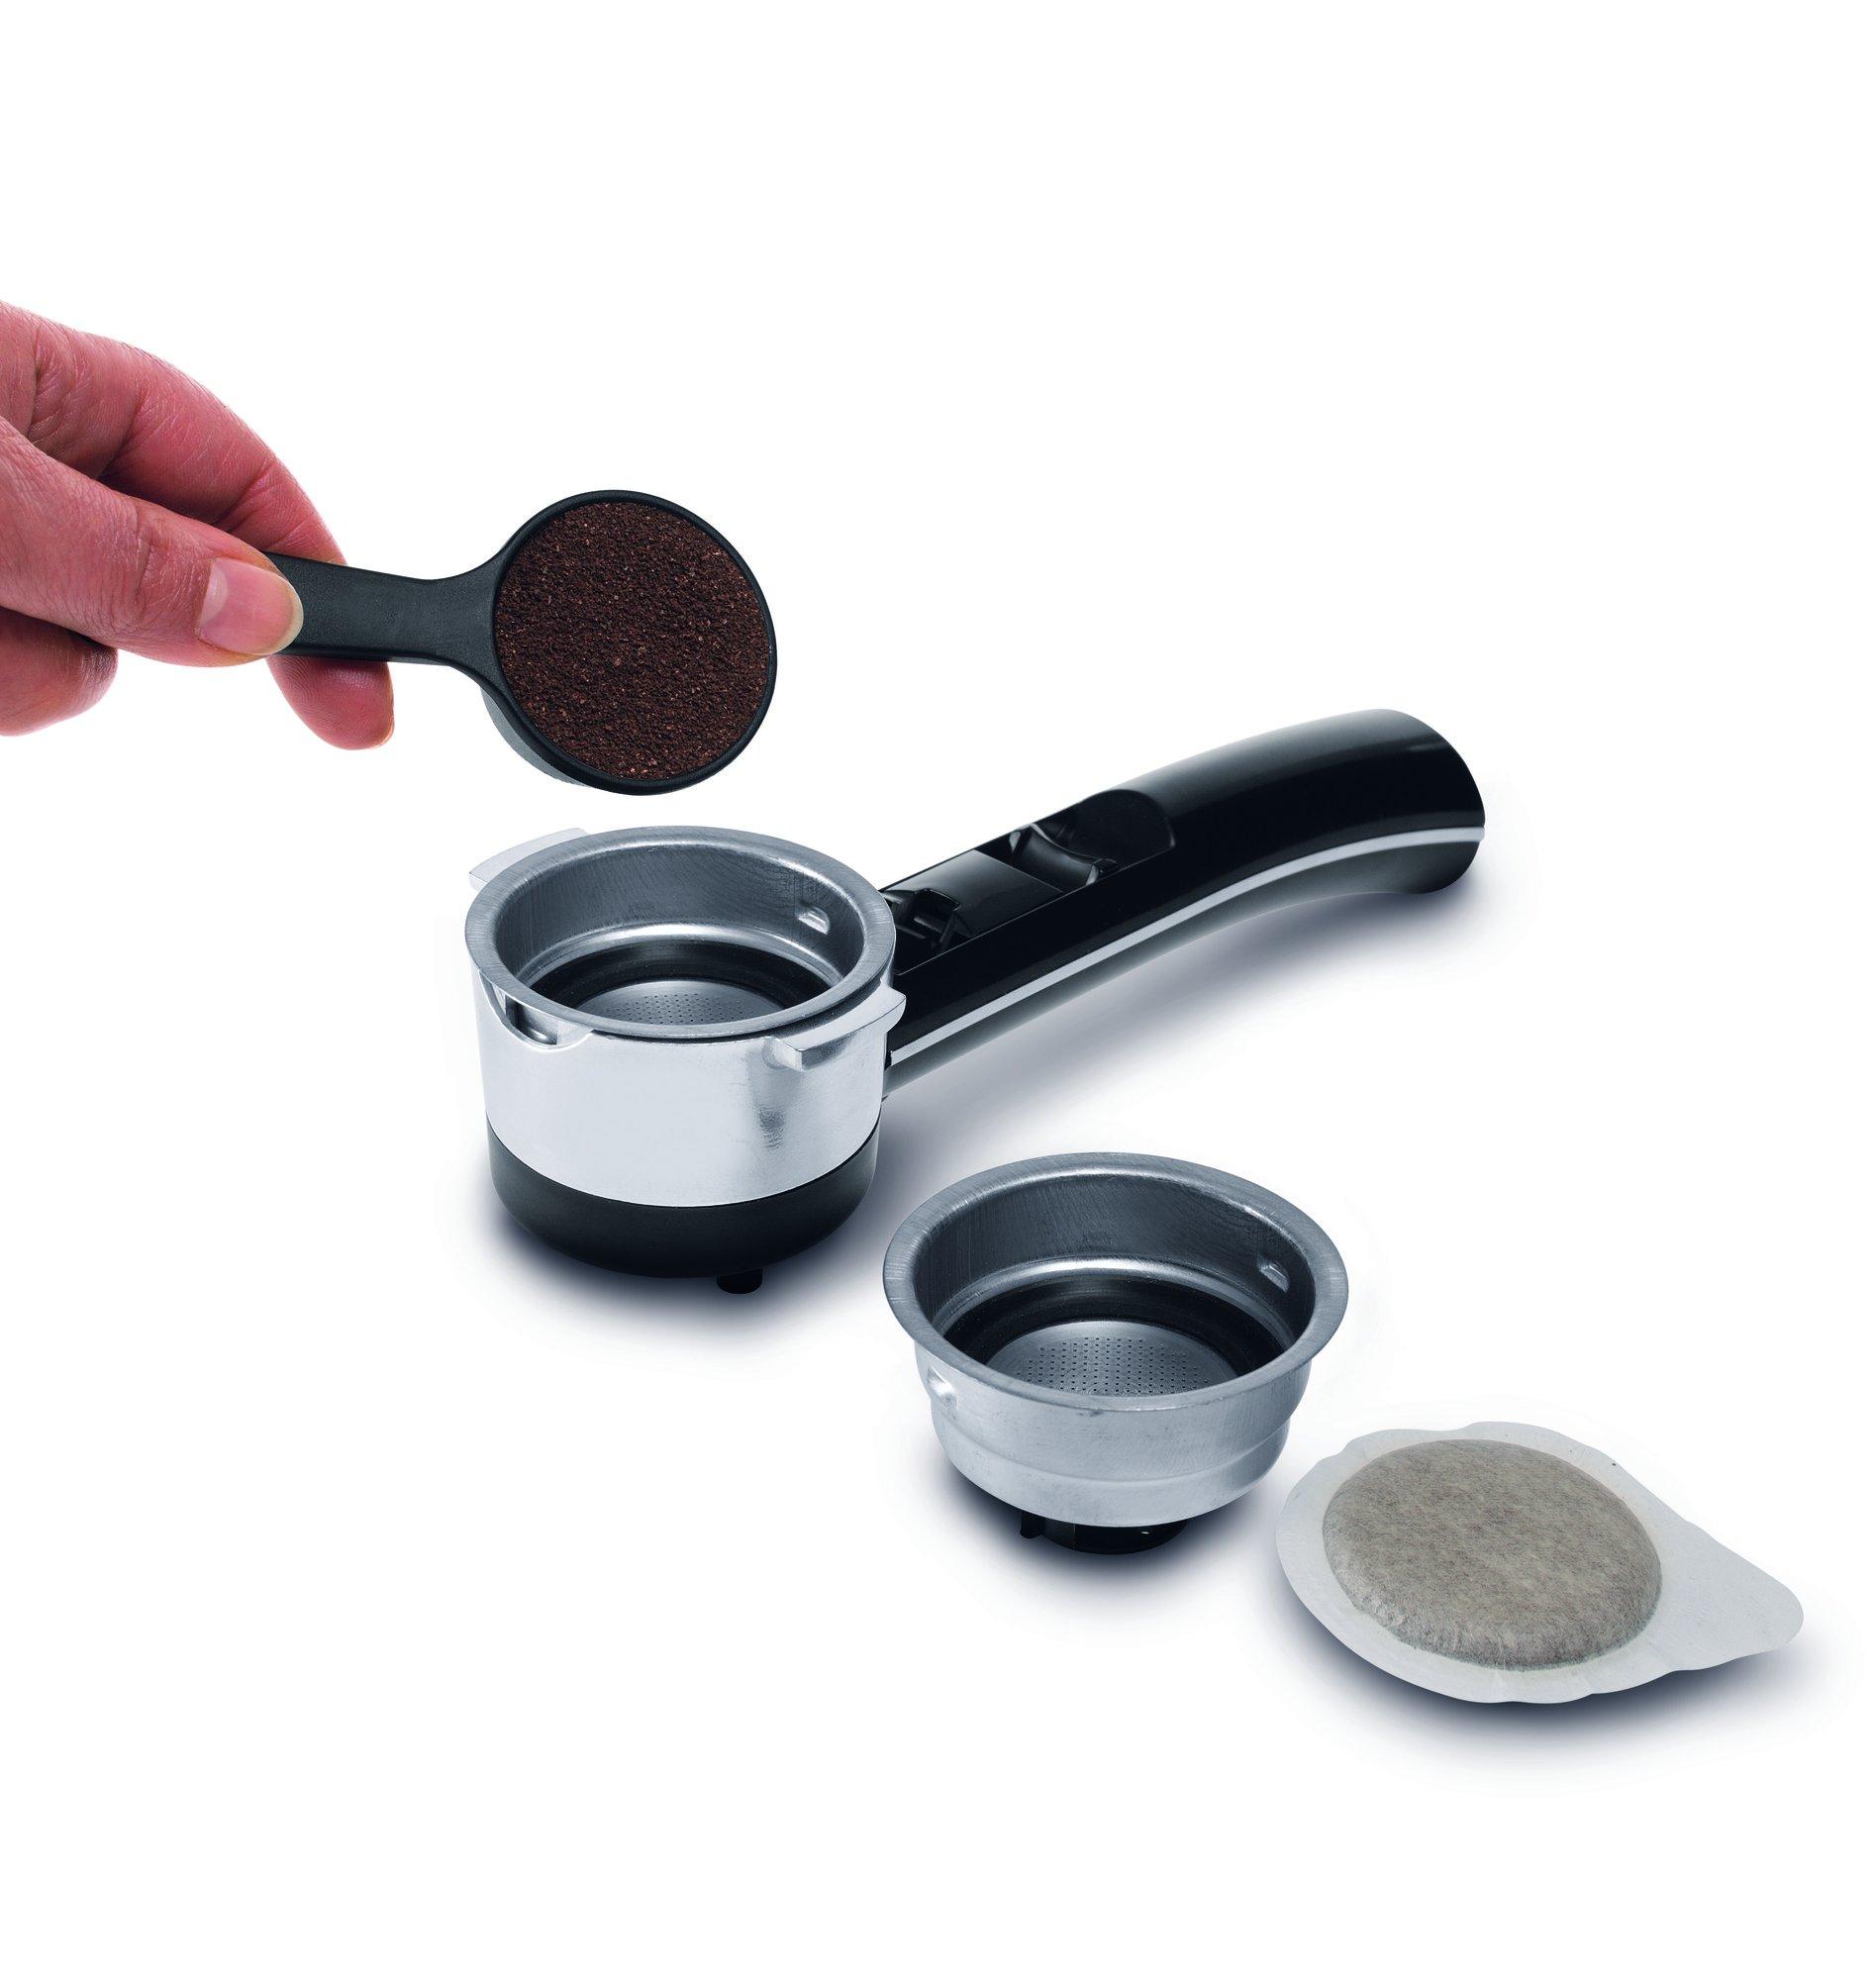 De'Longhi Icona Vintage ECOV 311.BG Macchina da Caffè Espresso Manuale e Cappuccino, Caffè in Polvere o in Cialde E.S.E… 4 spesavip